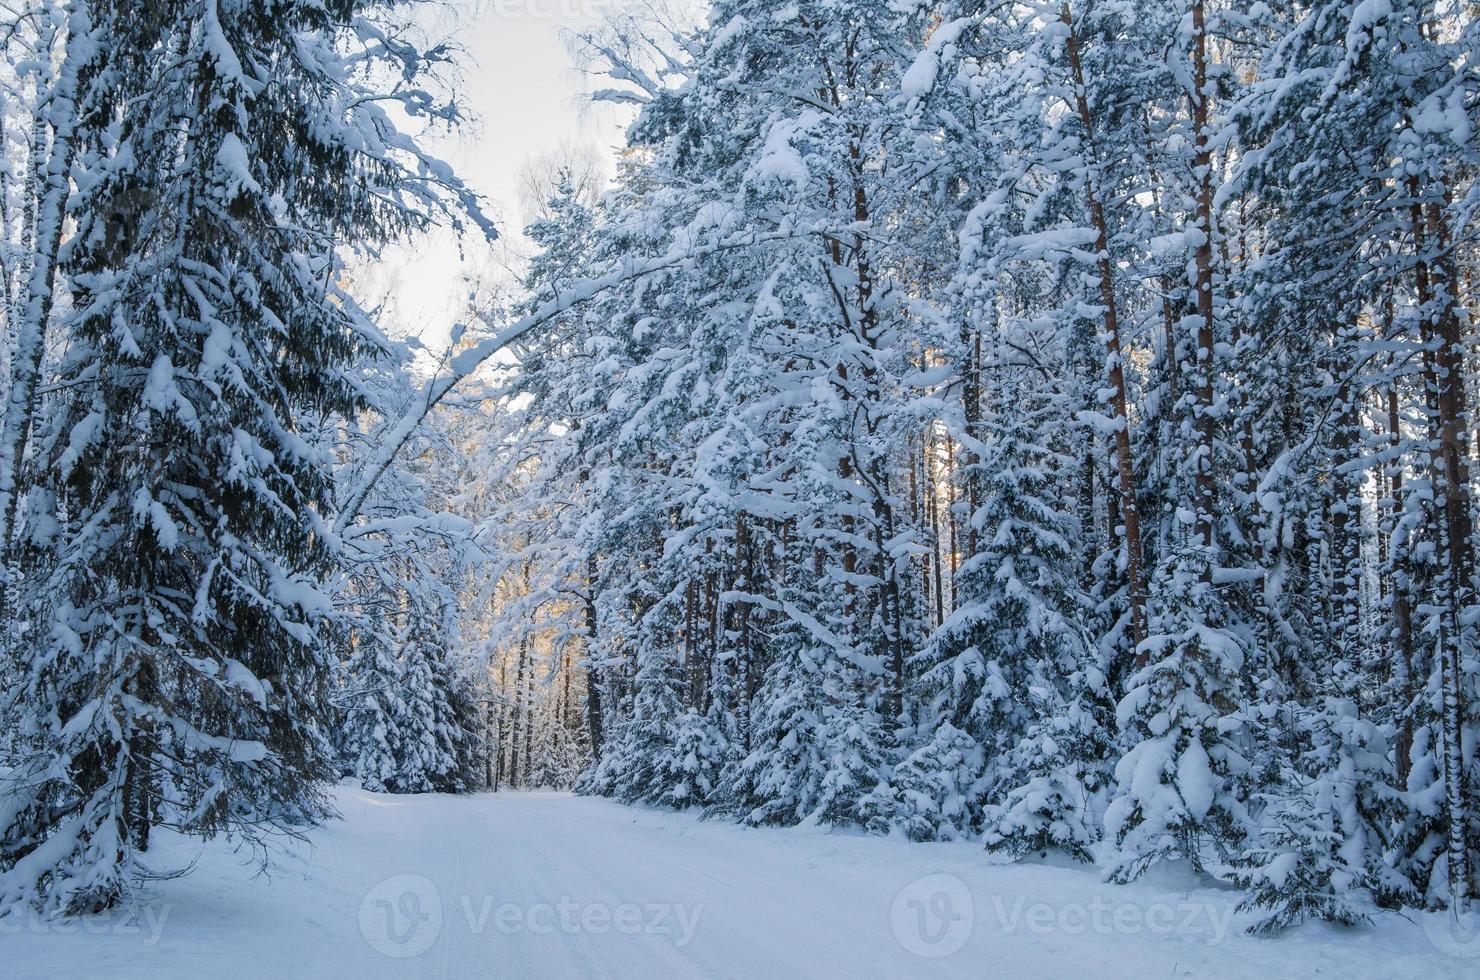 Fichte mit Schnee im Winterwald bedeckt. viitna, estland. foto